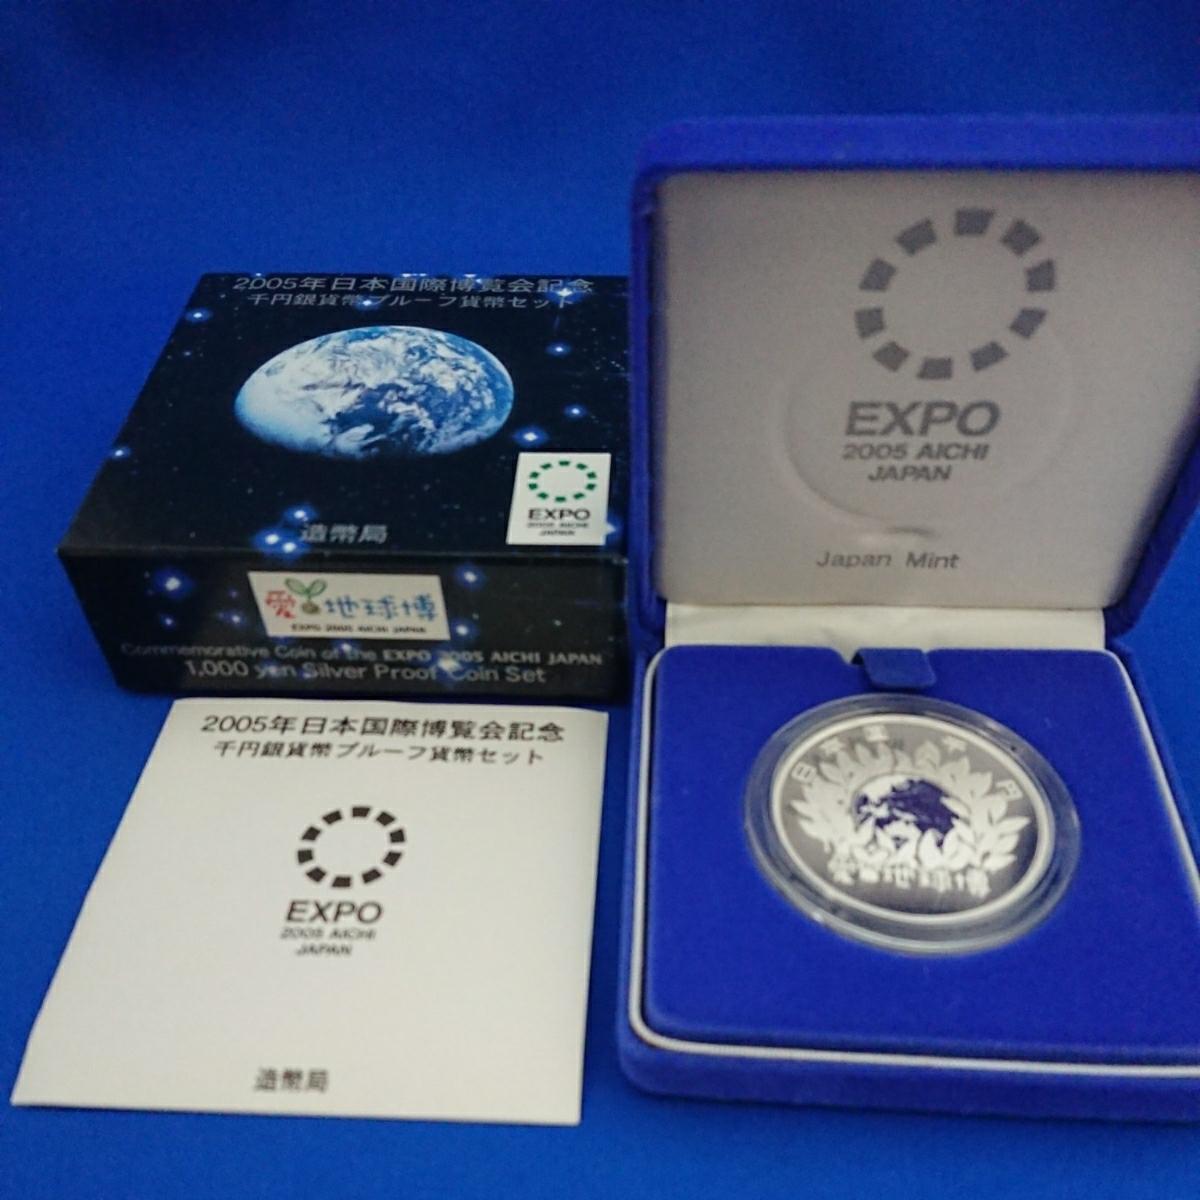 ♪♪♪2005年 愛・地球博  日本国際博覧会 記念貨幣発行記念メダル 千円銀貨幣プルーフ貨幣セット 2つまとめて 純銀 造幣局 ♪♪♪_画像2